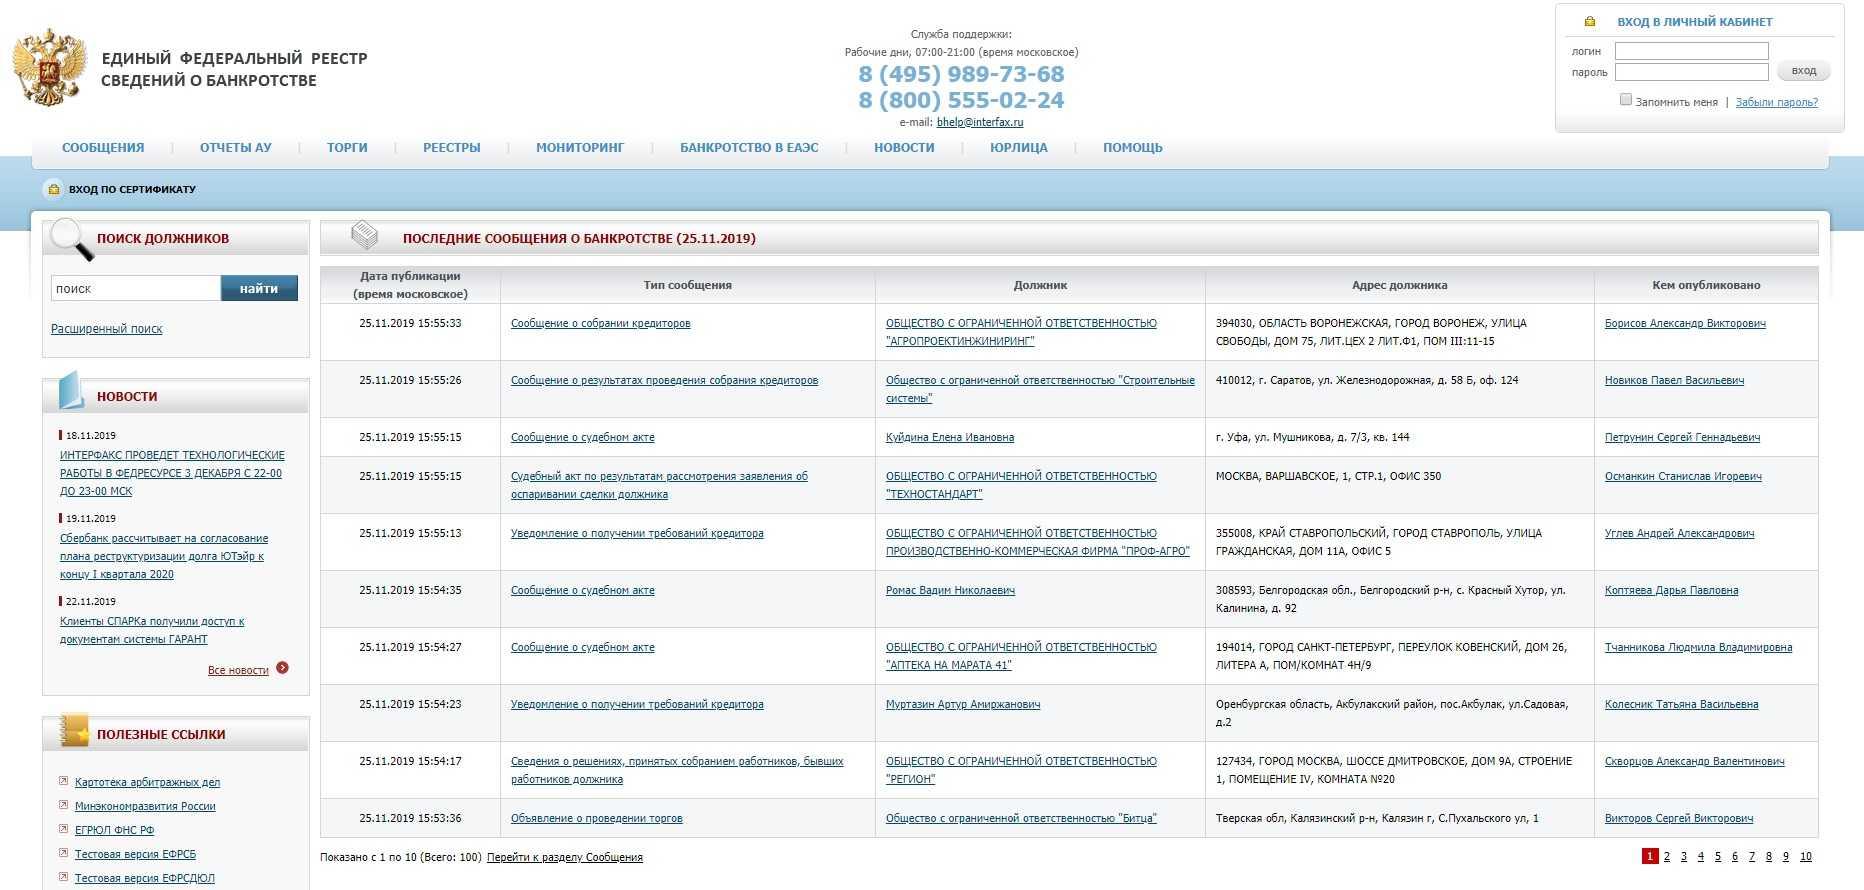 информация о банкротстве юридических лиц